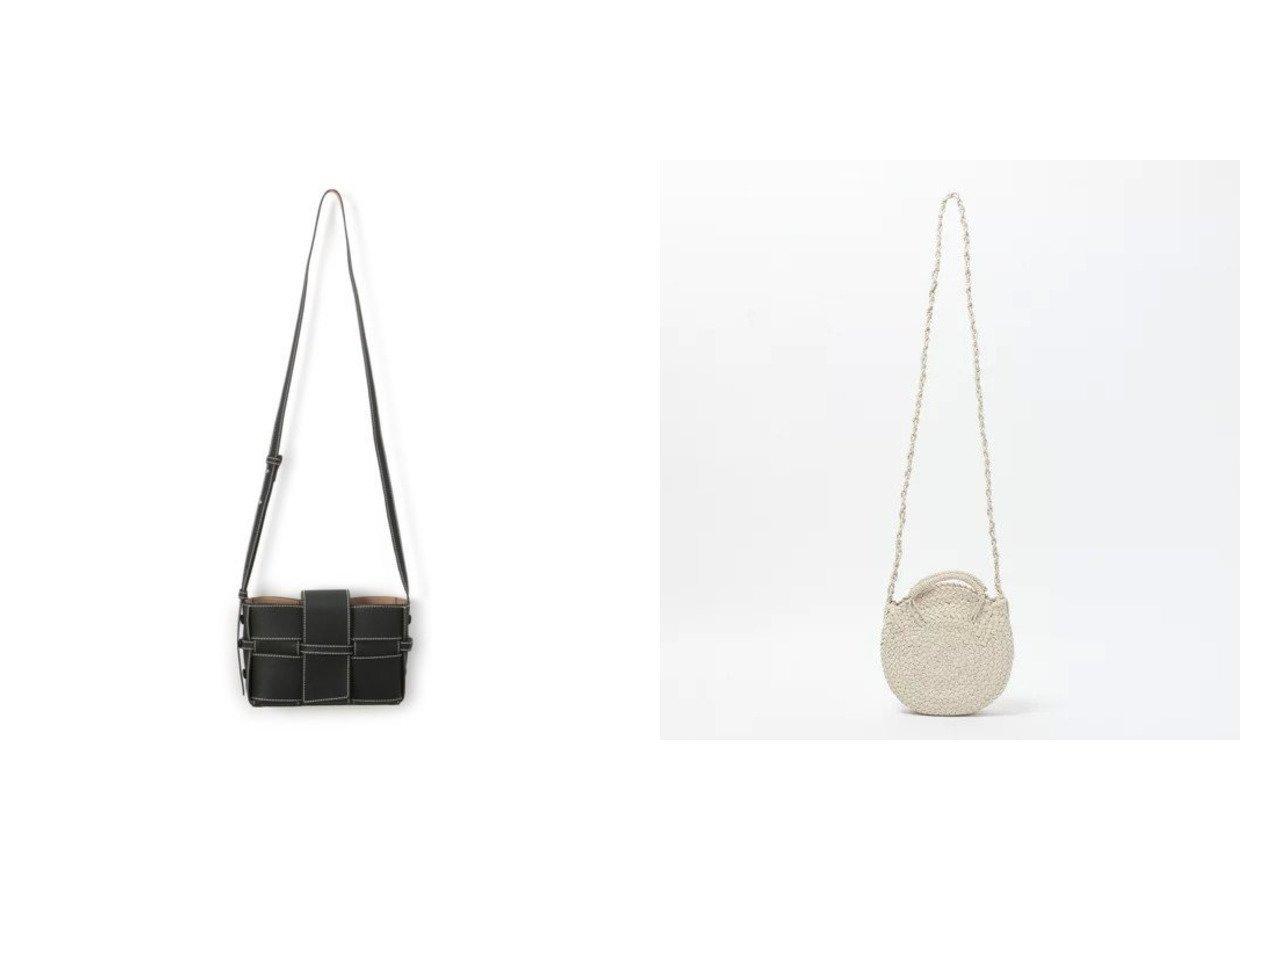 【Aeta/アエタ】のCIRCLE BASKET S&【MARY AL TERNA/メアリ オル ターナ】のHUG おすすめ!人気、トレンド・レディースファッションの通販   おすすめで人気の流行・トレンド、ファッションの通販商品 メンズファッション・キッズファッション・インテリア・家具・レディースファッション・服の通販 founy(ファニー) https://founy.com/ ファッション Fashion レディースファッション WOMEN 2021年 2021 2021春夏・S/S SS/Spring/Summer/2021 S/S・春夏 SS・Spring/Summer ショルダー メッシュ アクセサリー イタリア コレクション コンパクト バスケット 巾着 財布 |ID:crp329100000036861